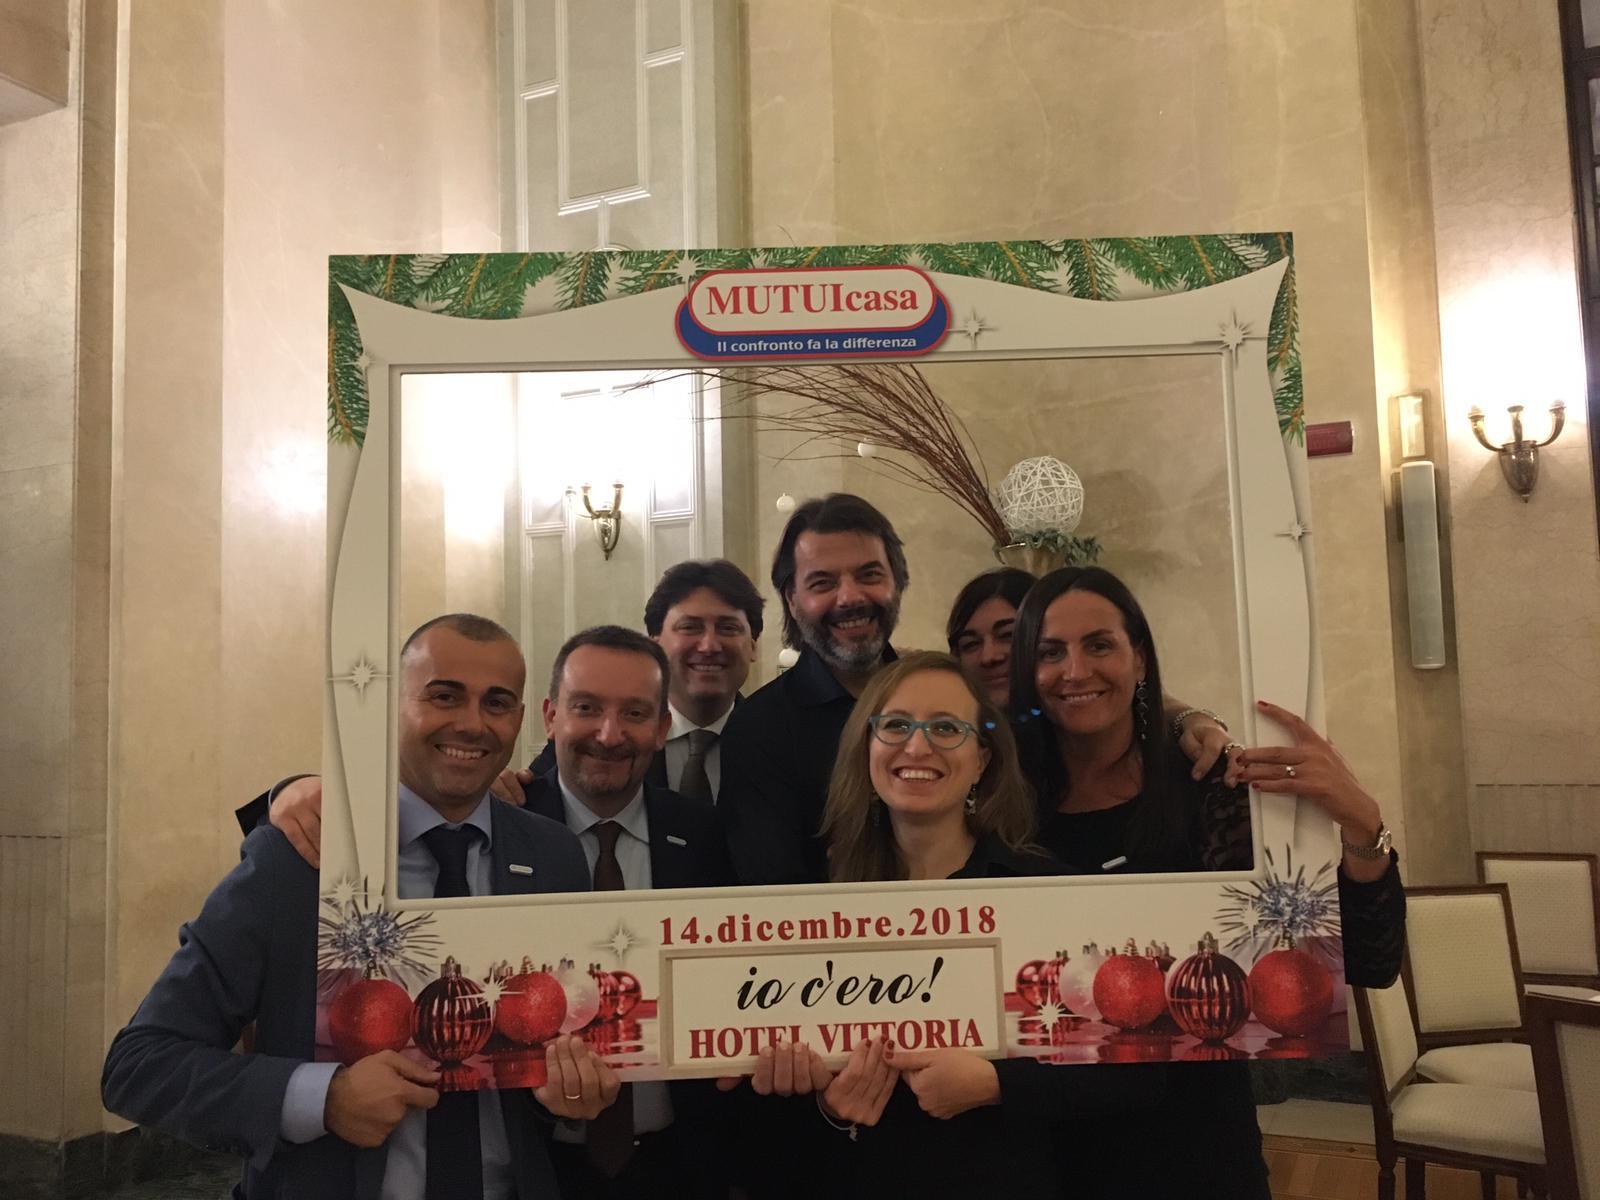 Foto ricordo 4 Christams Event organizzato da MUTUIcasa nel 2018